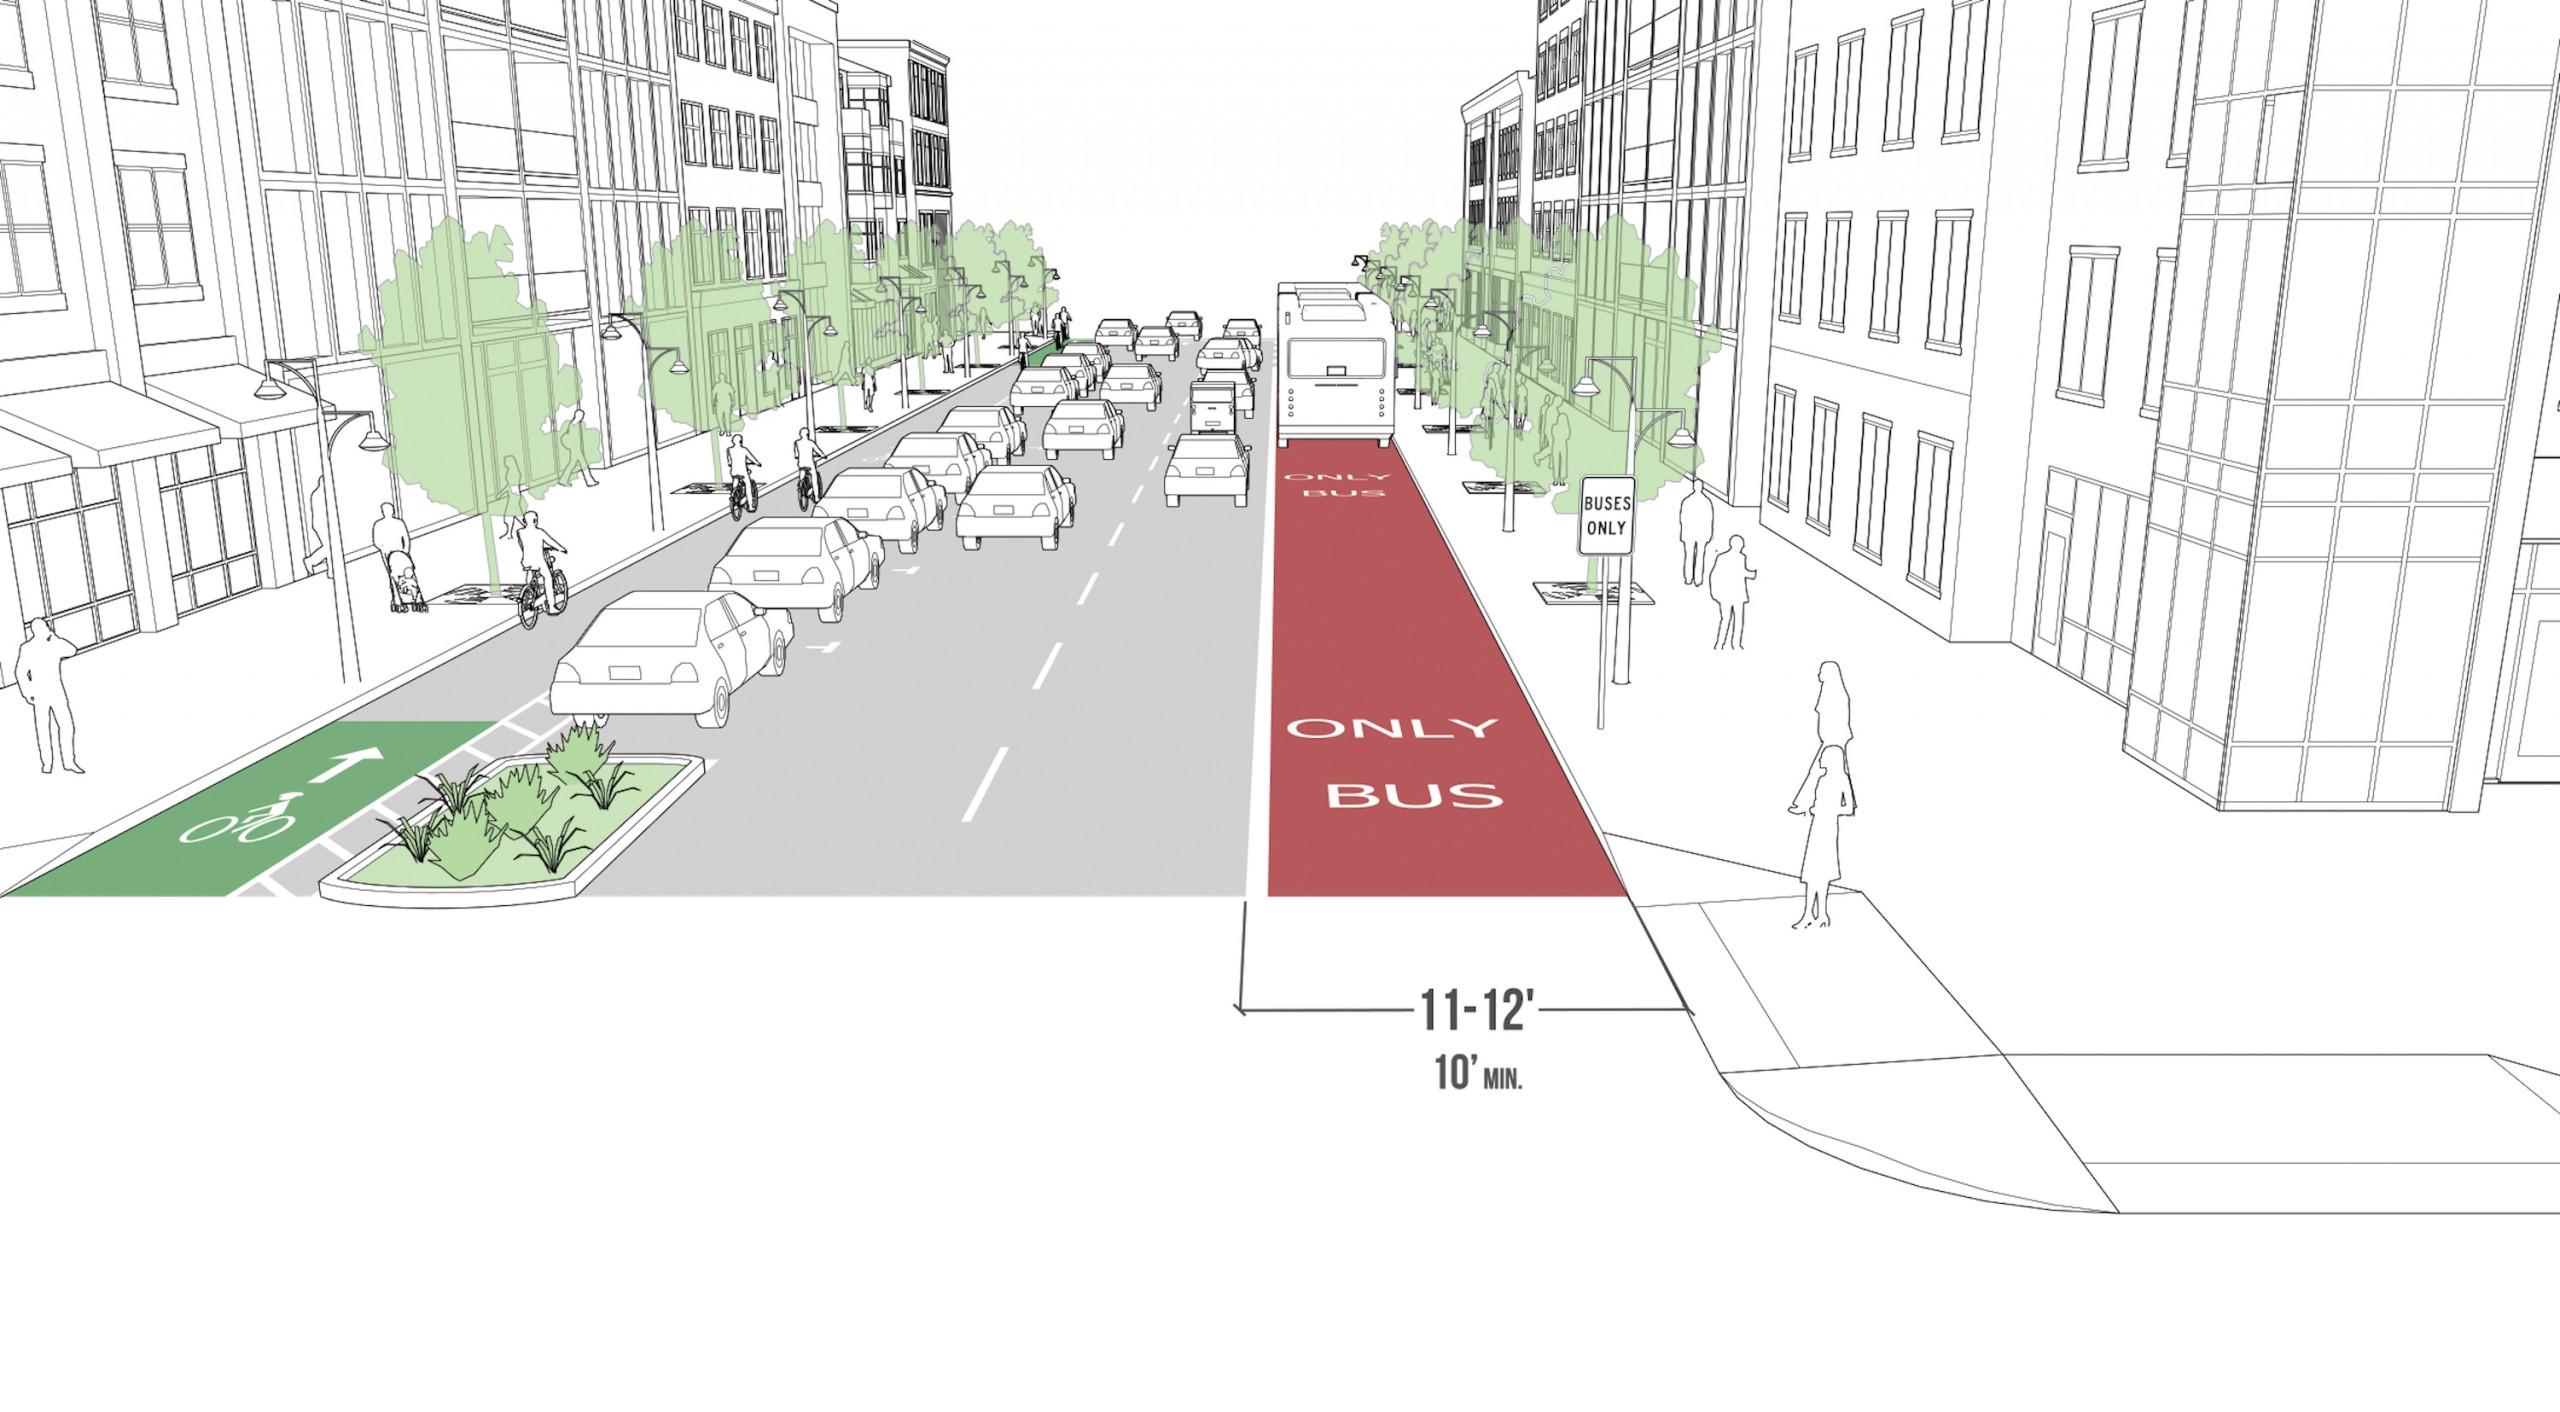 A rendering of a bus rapid transit lane